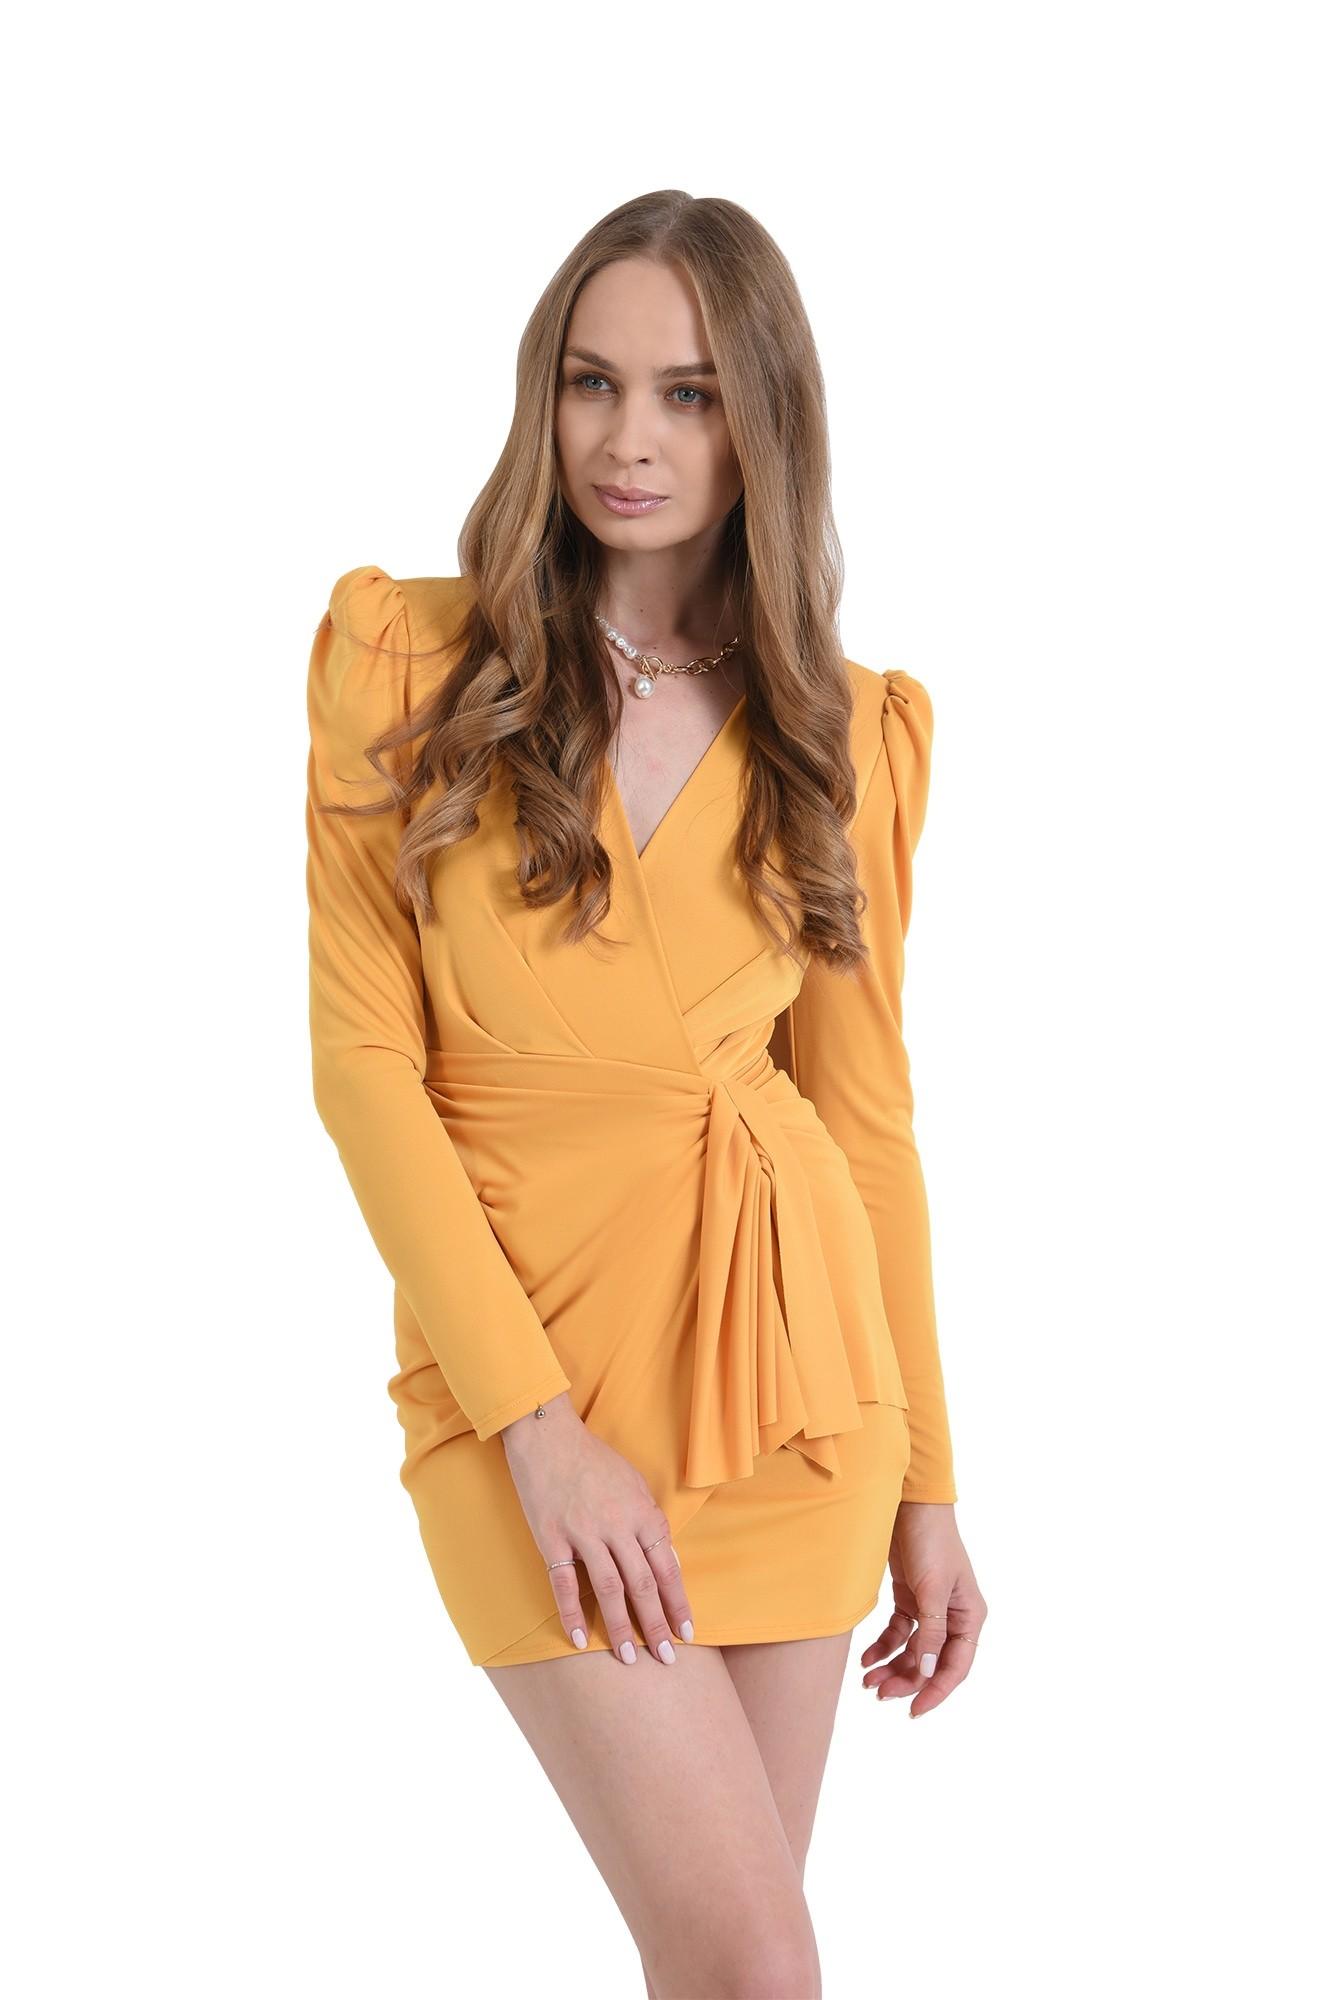 rochie cu detaliu, cu umeri accentuati, cu maneca lunga